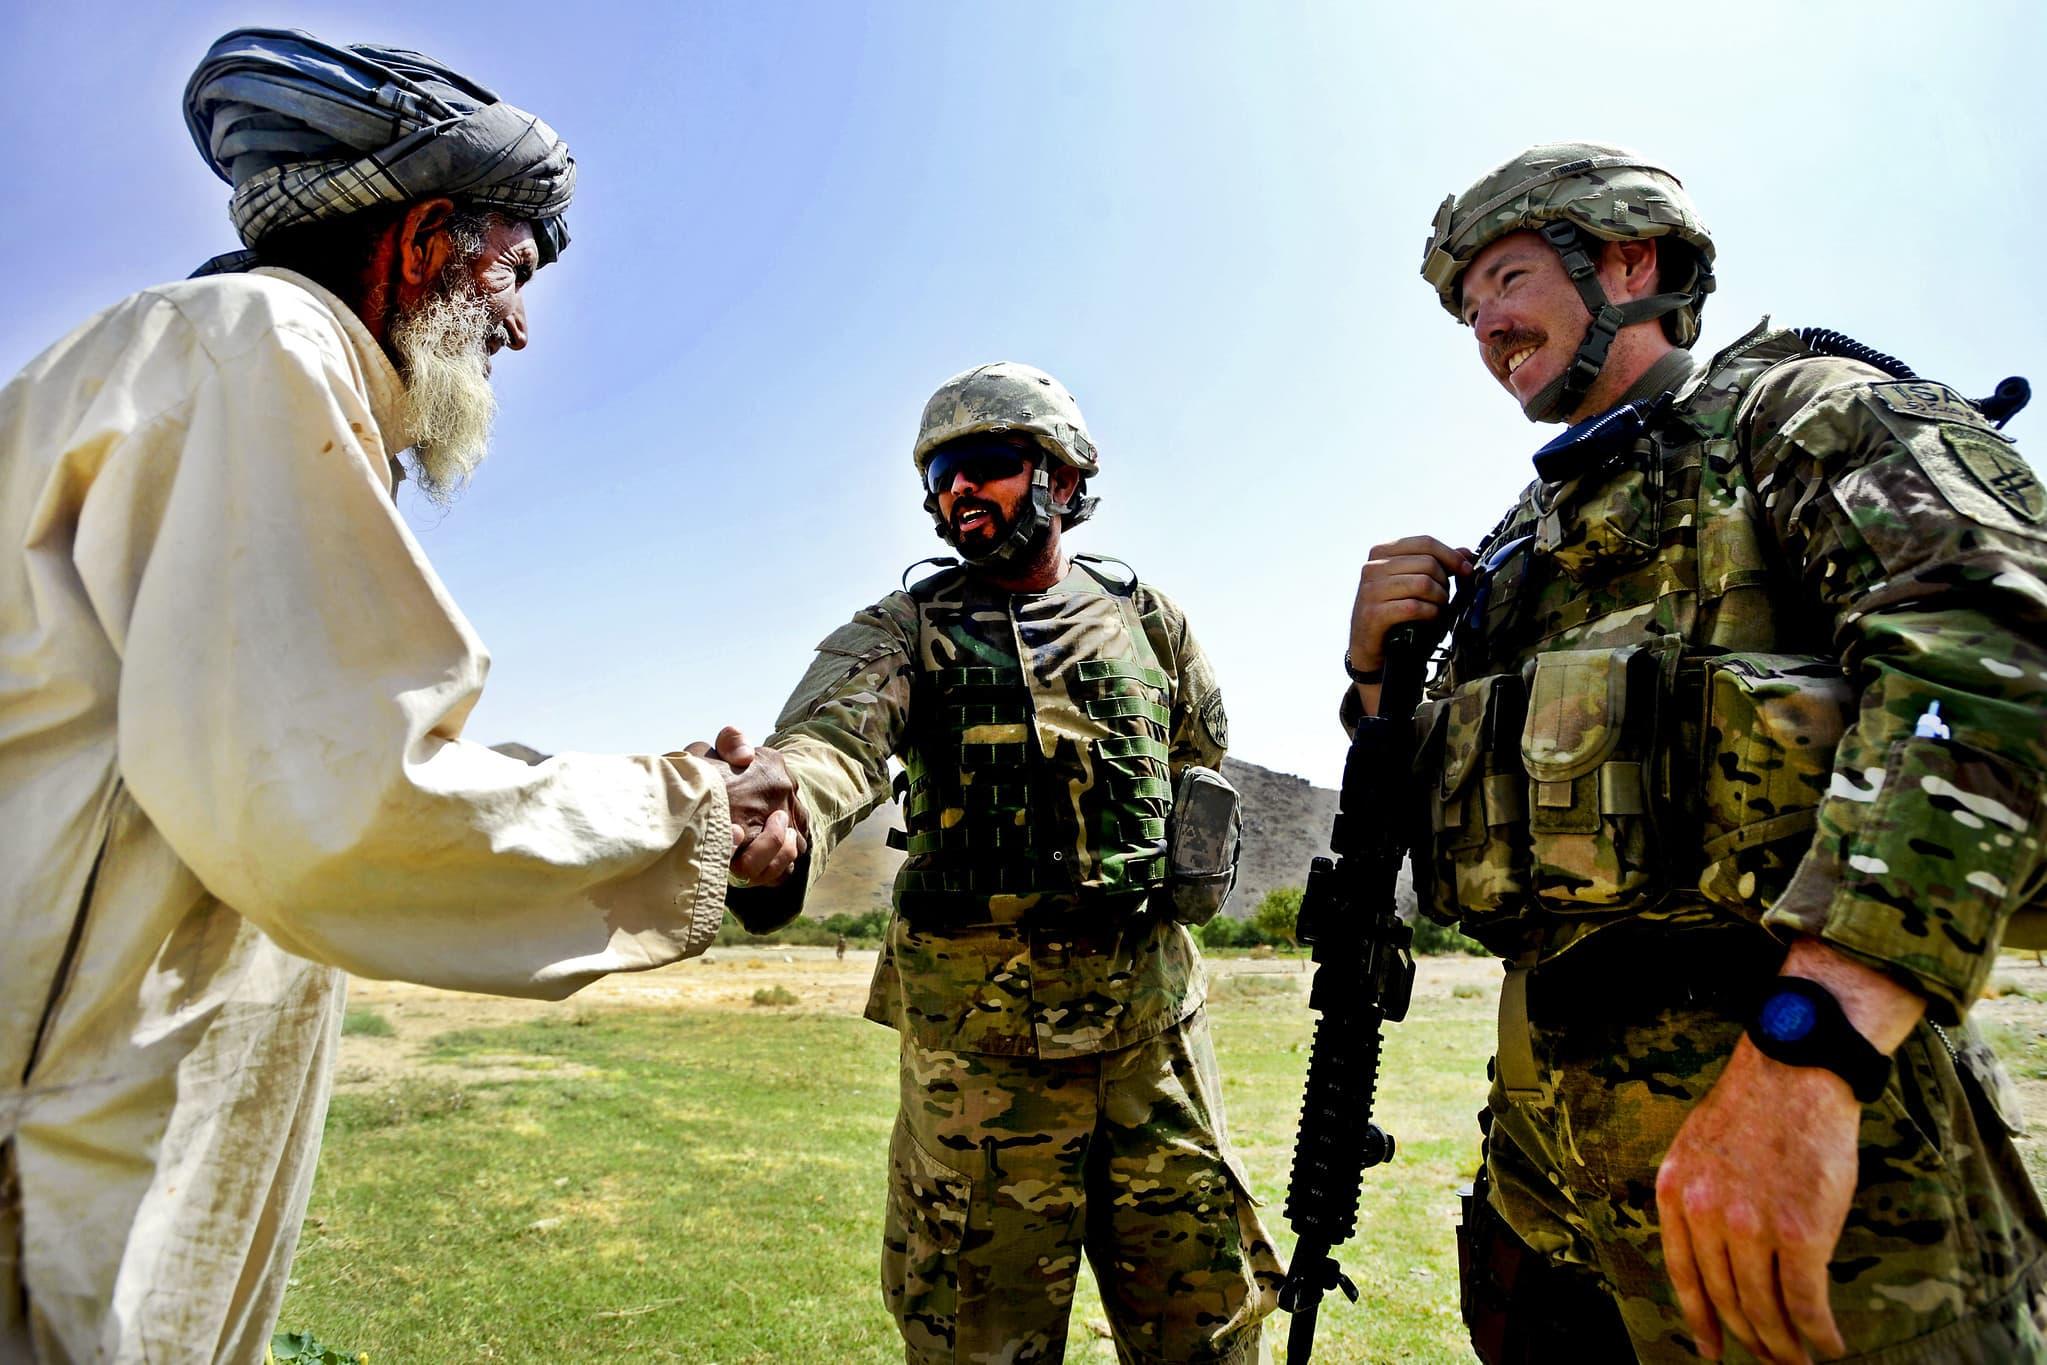 Biden comenzará la evacuación de los afganos que ayudaron al ejército estadounidense durante la guerra